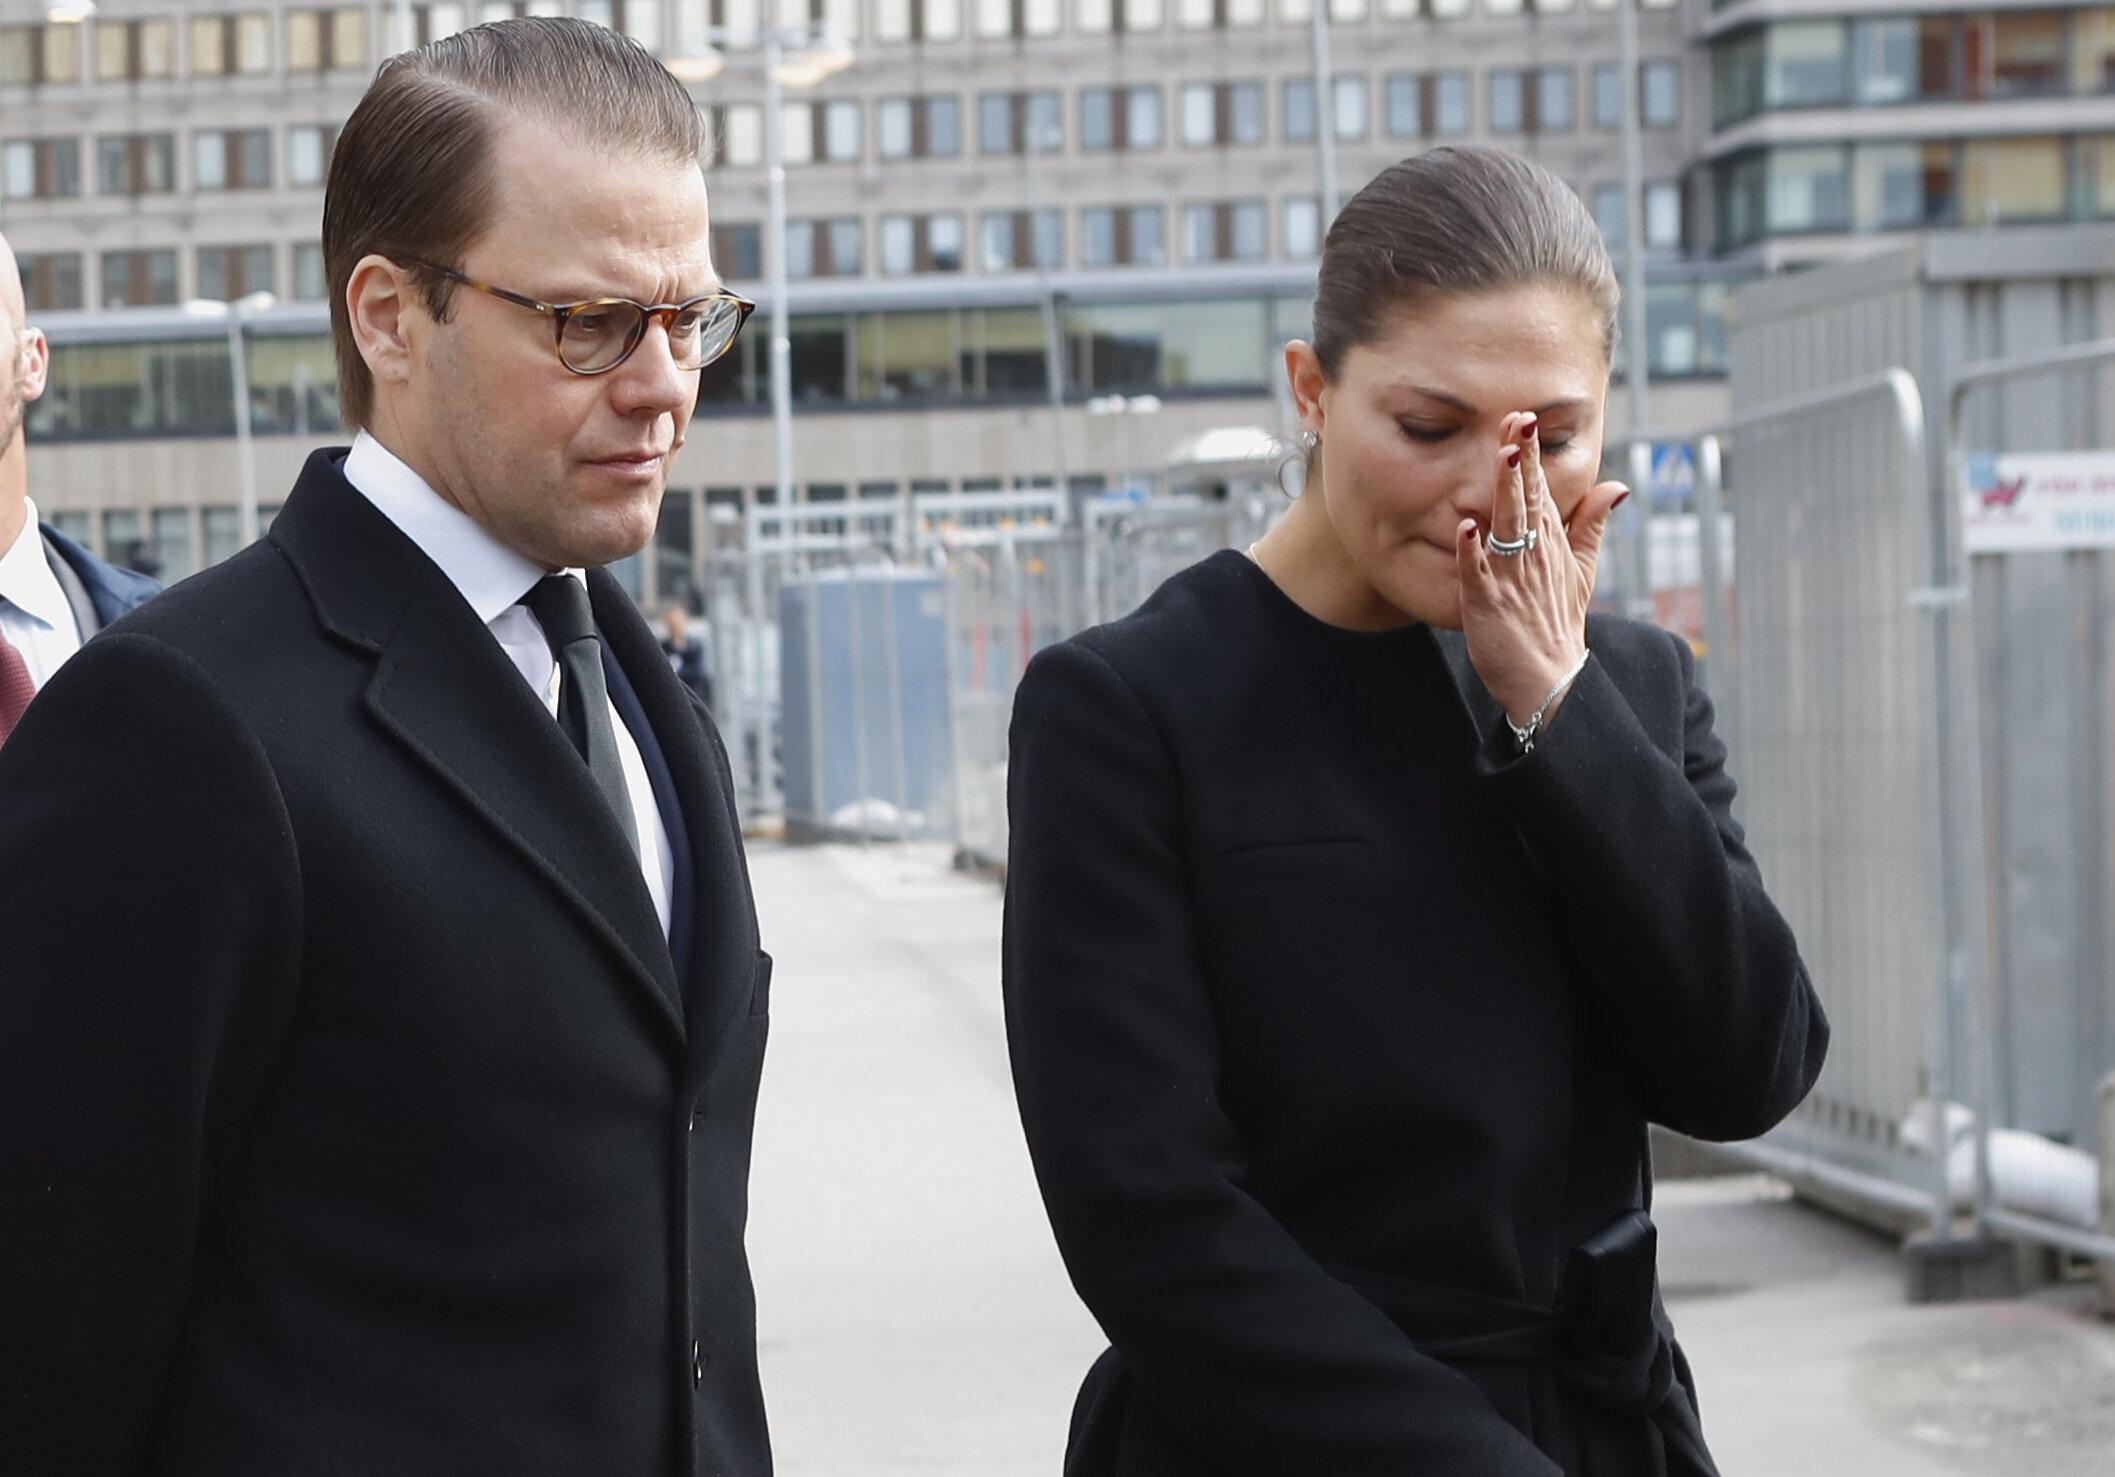 Fünf Menschen kamen ums Leben, als ein Lastwagen in eine Einkaufsstraße raste. Einen Tag später besuchten Kronprinzessin Victoria und Prinz Daniel die Unglücksstelle und zeigten sich tief bewegt.  © picture alliance / AP Photo